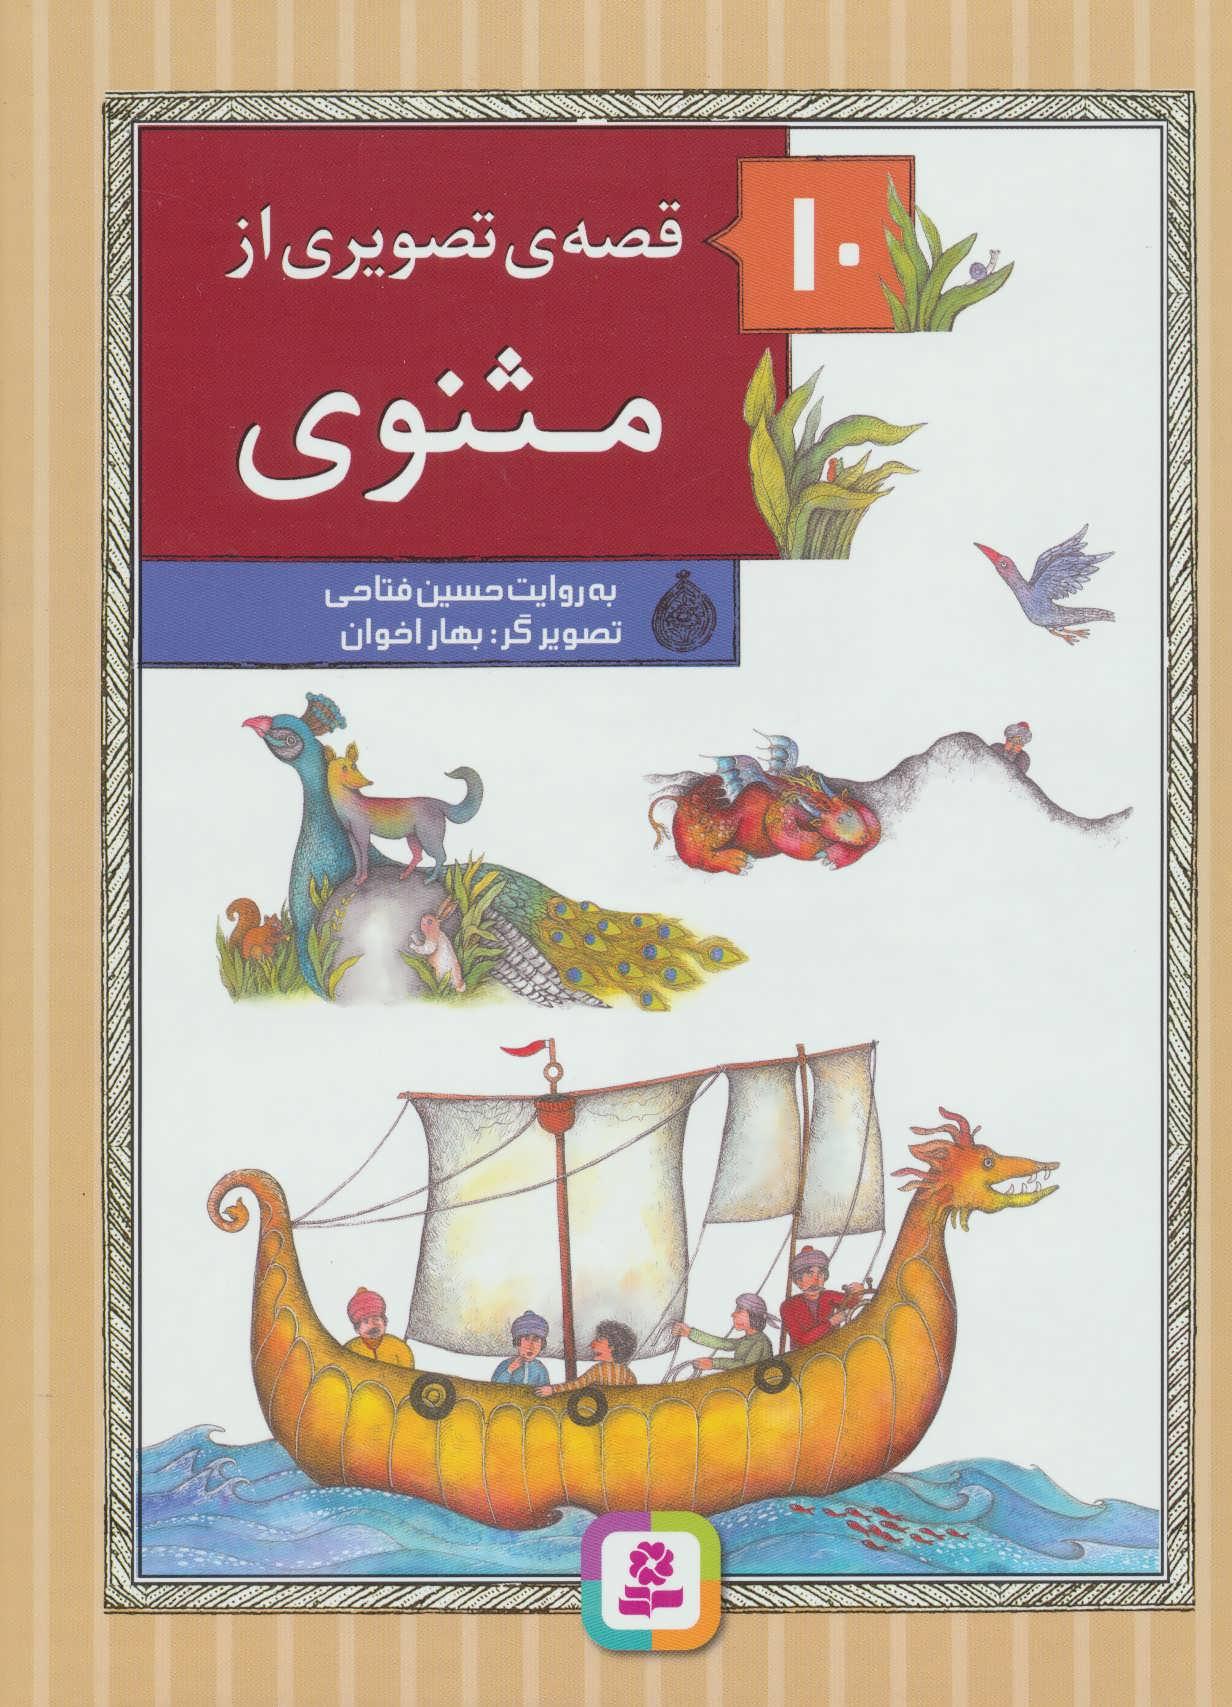 کتاب ۱۰ قصهٔ تصویری از مثنوی